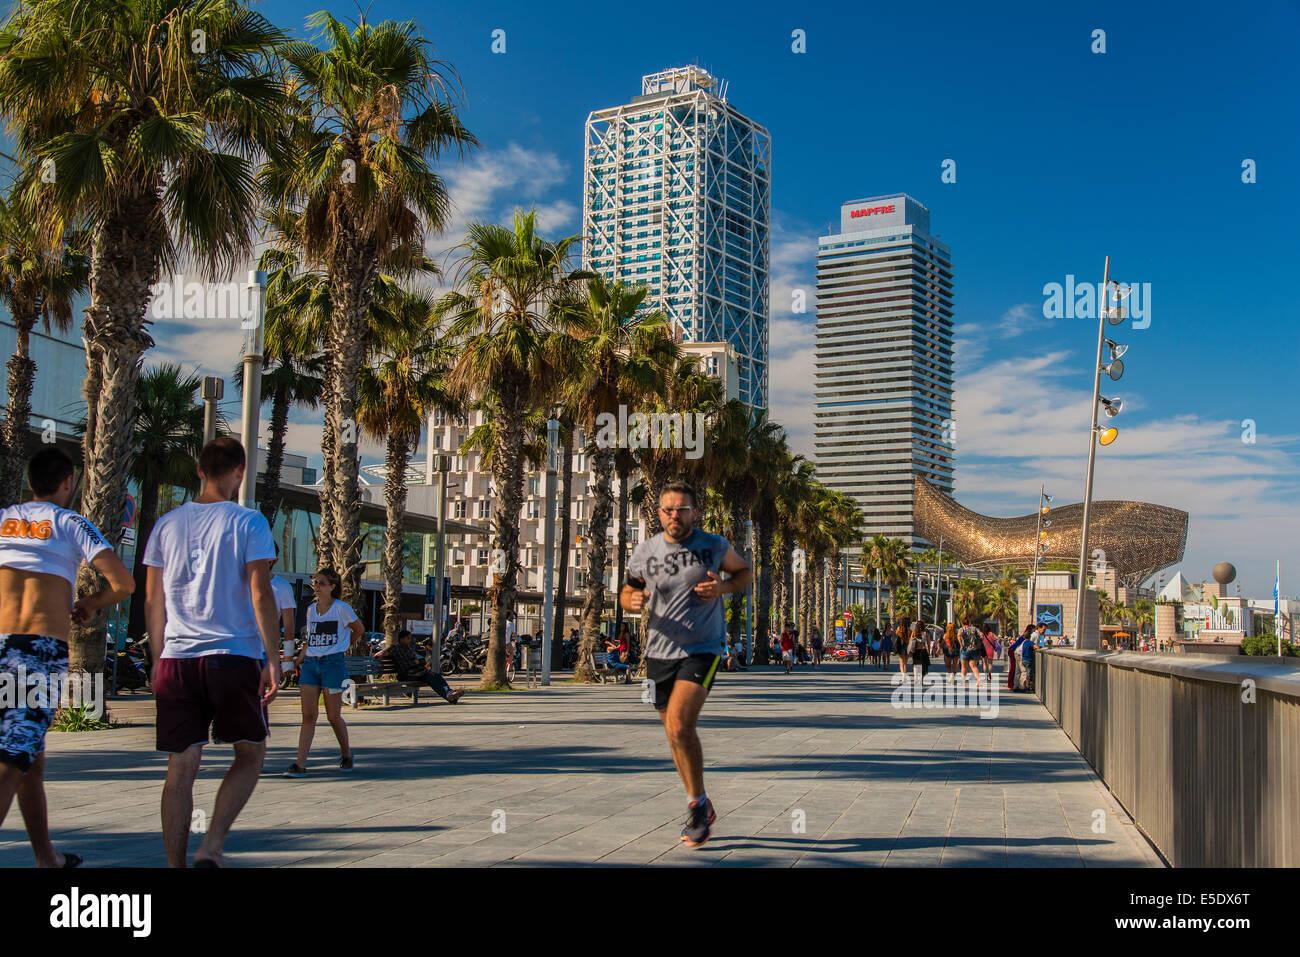 Avinguda del Litoral, Vila Olimpica, Barcelona, Catalonia, Spain - Stock Image